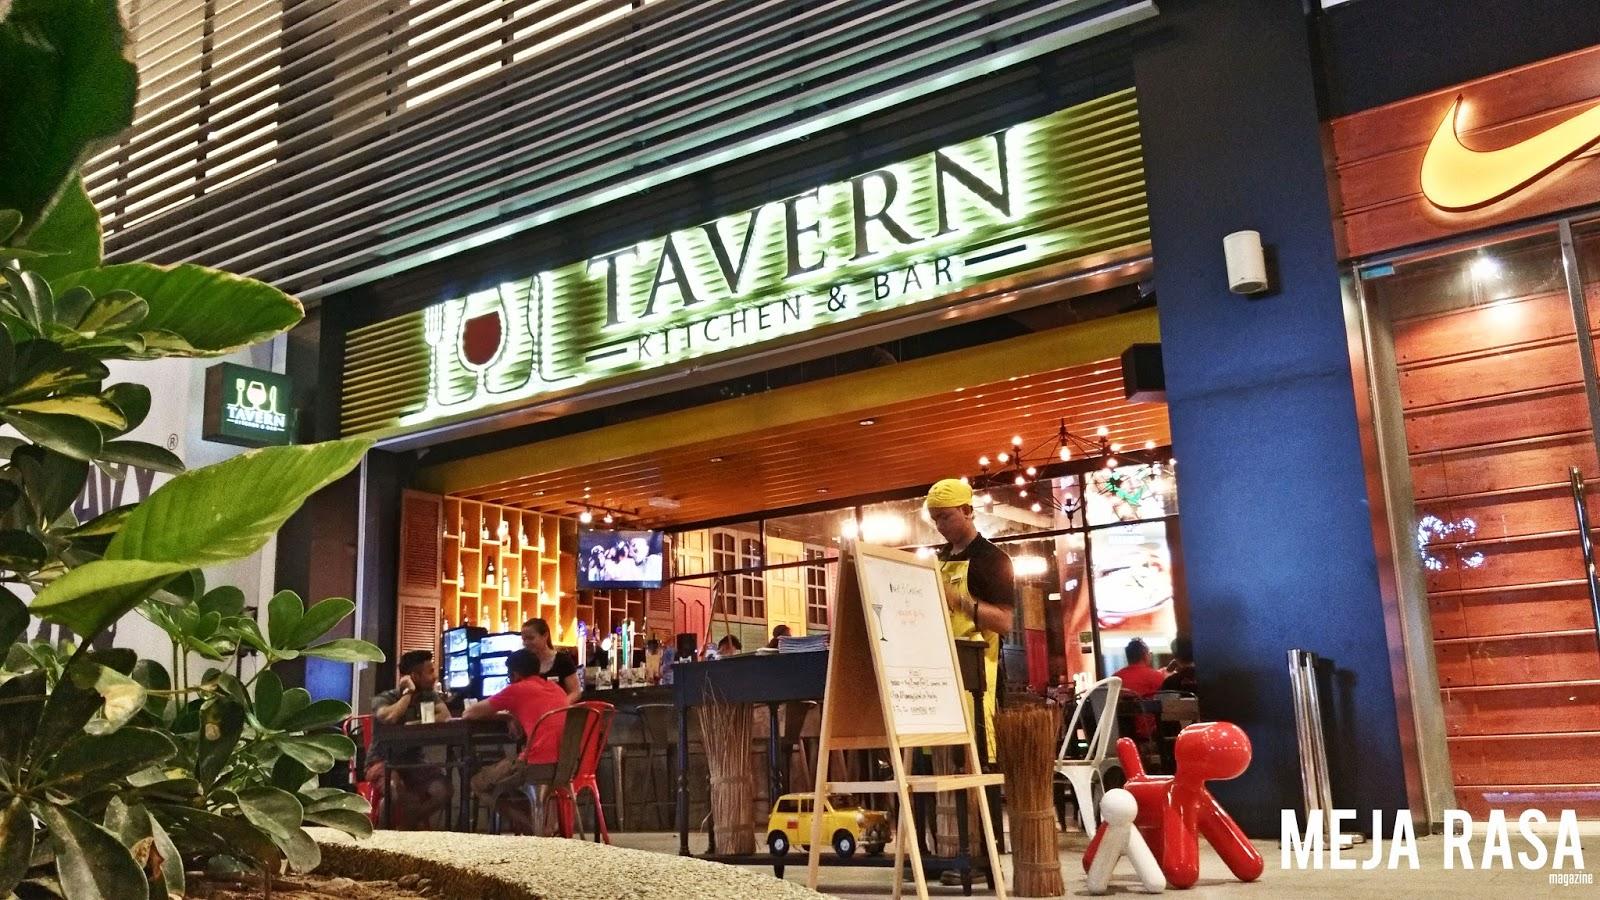 Meja rasa kk tavern kitchen bar imago shopping mall